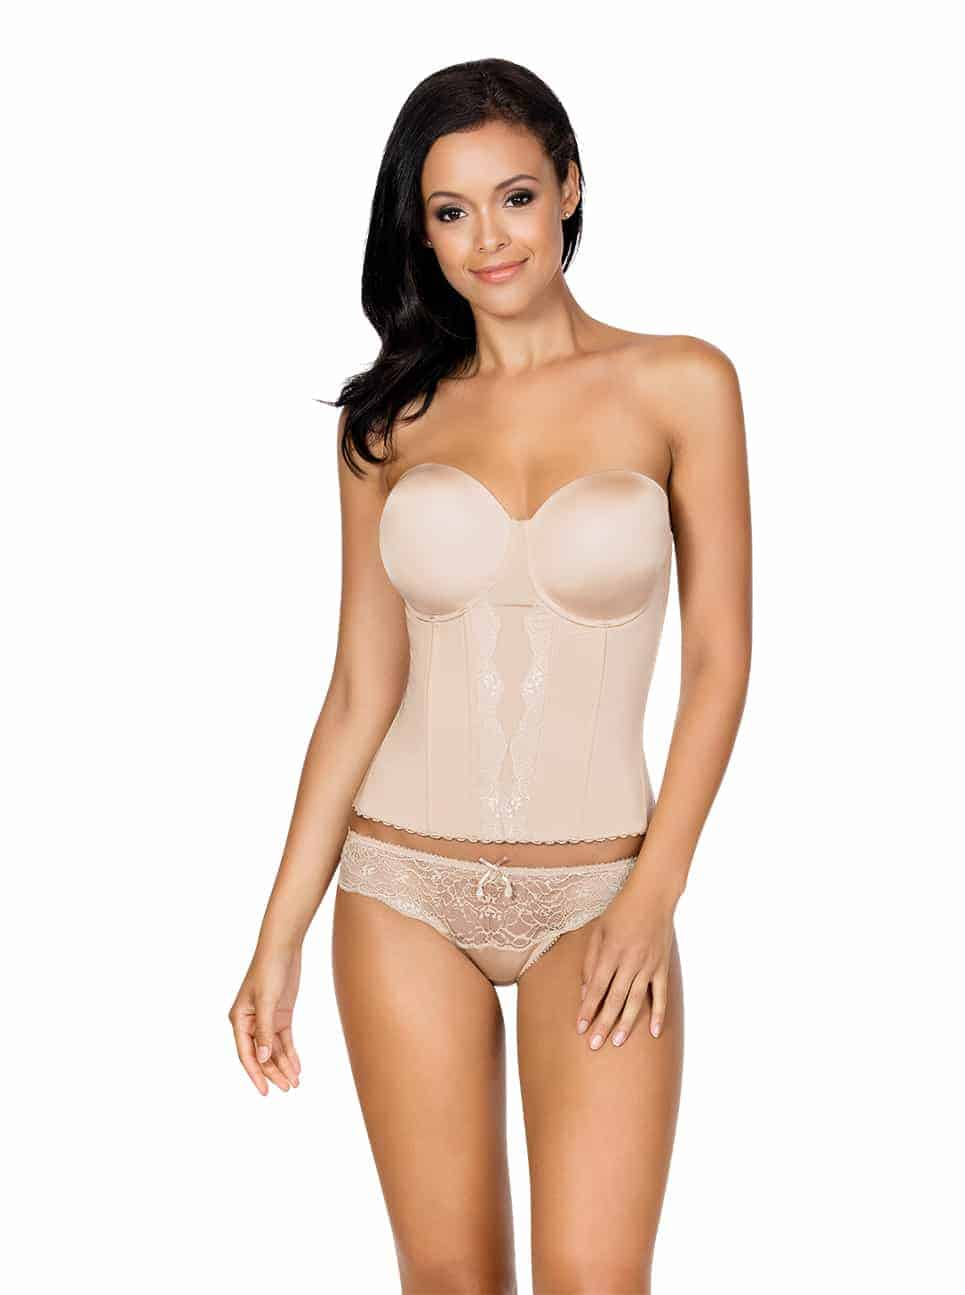 25bd3a455a Elissa Low BackBustierP5017 BikiniP5013 EuropeanNude Front - Elissa Low-Back  Bustier - Nude - P5017 ...